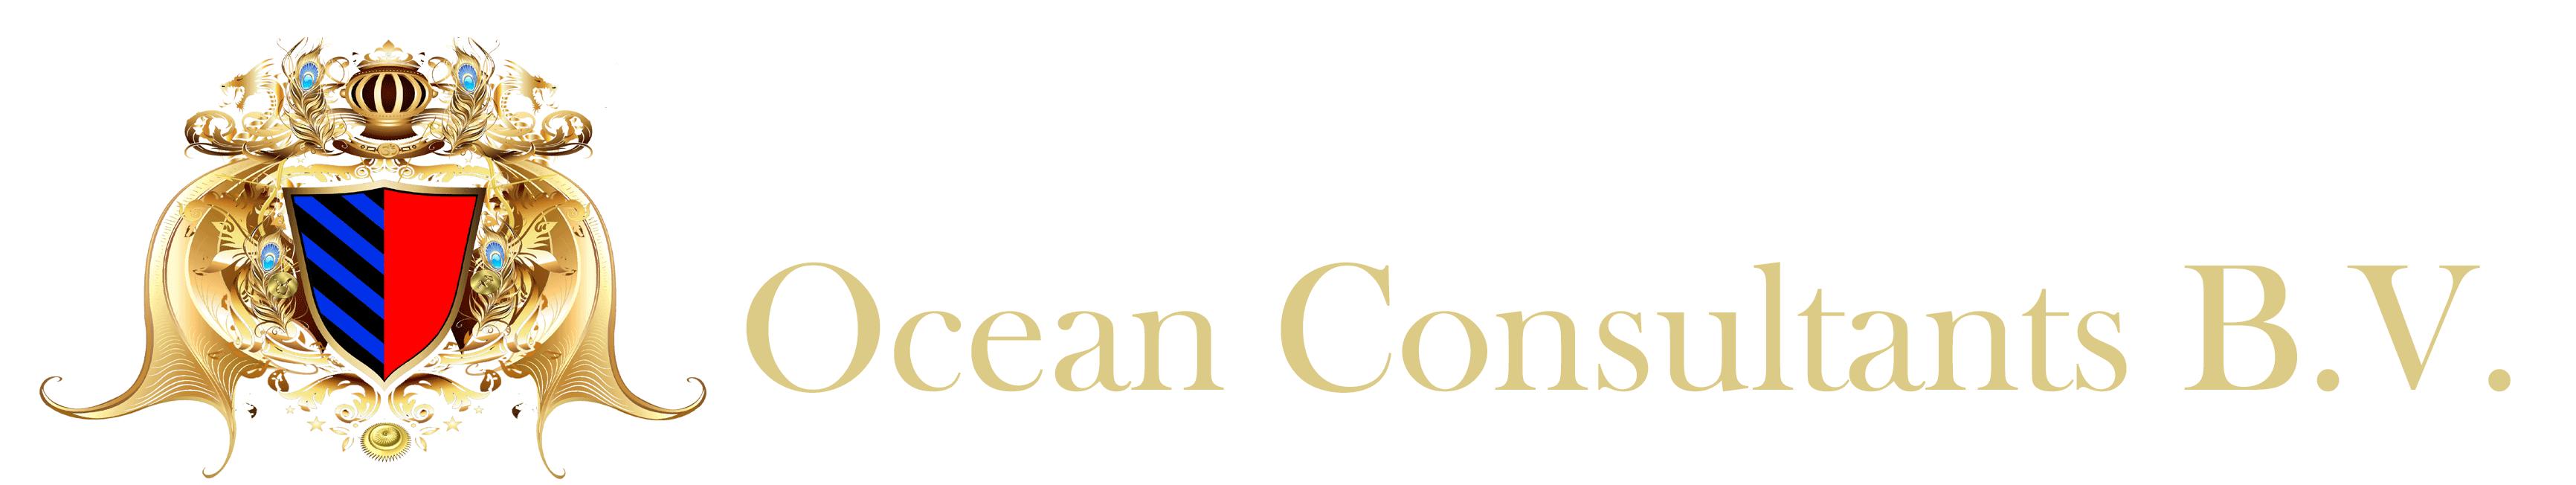 OCEAN CONSULT